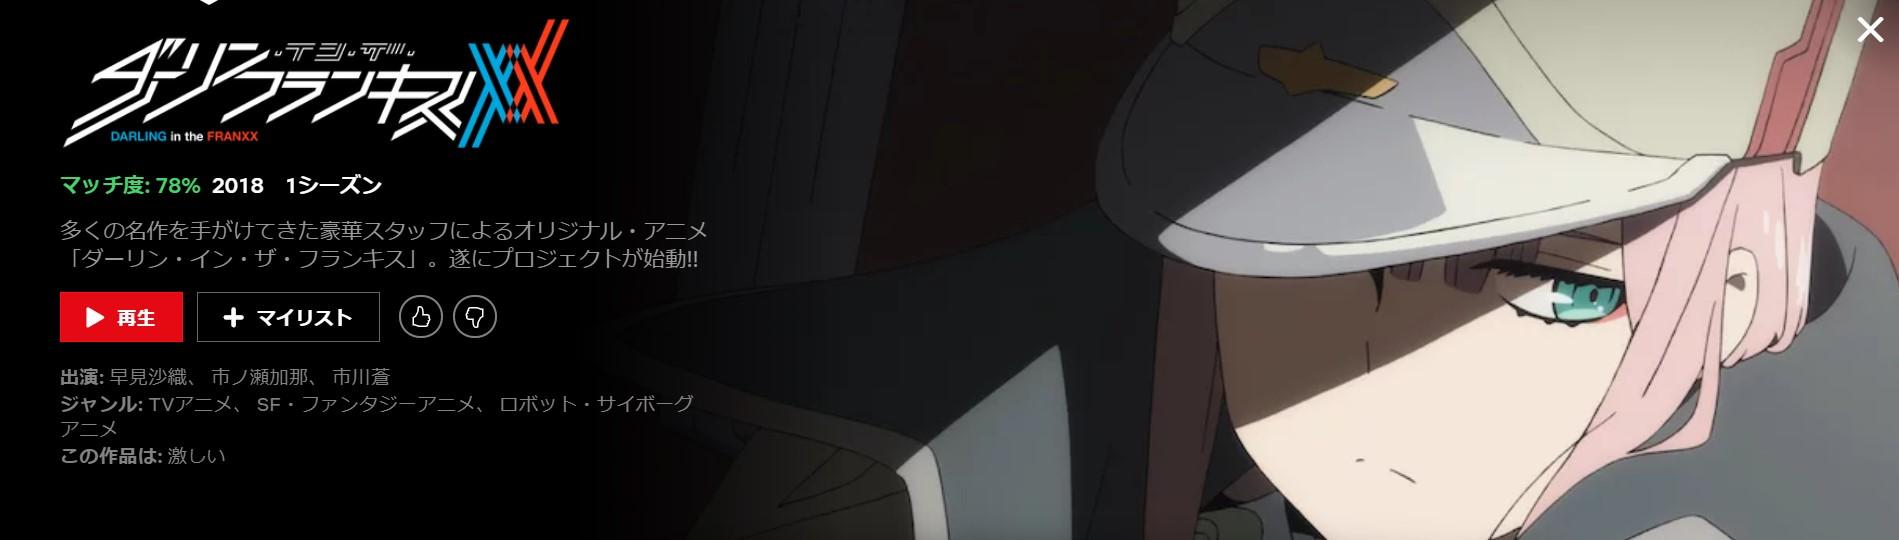 全 キス 話 ダーリン フラン インザ ダーリン・イン・ザ・フランキス 第1話